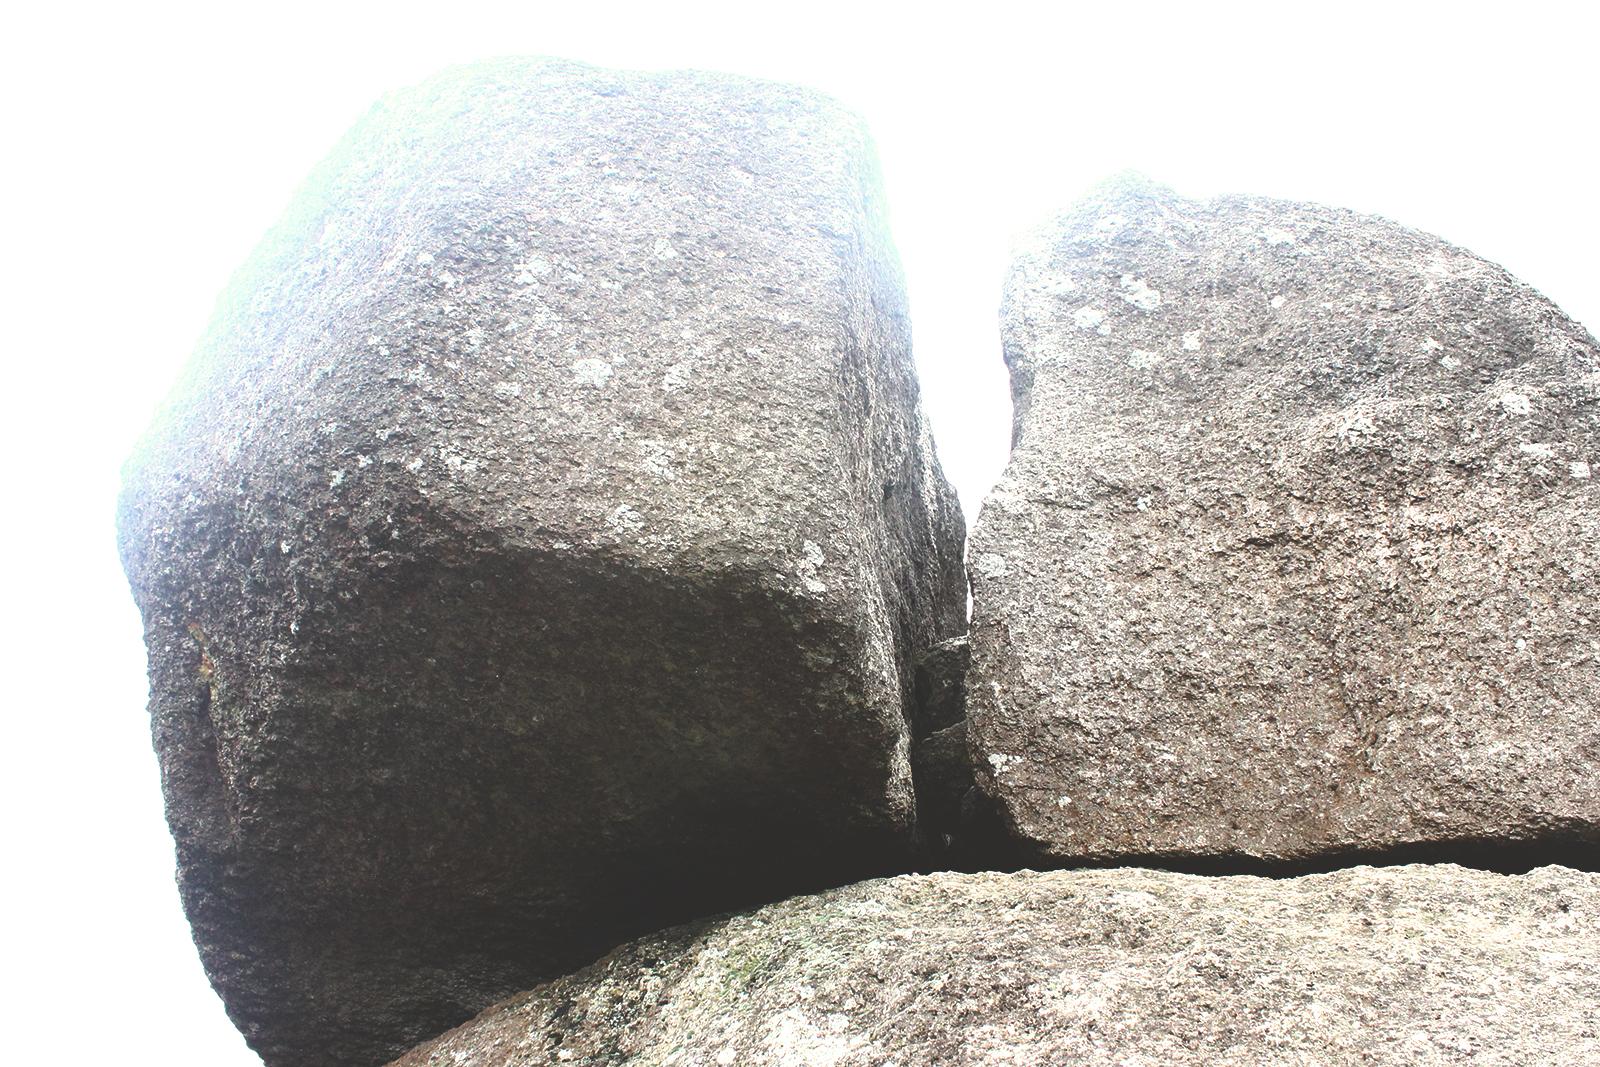 pedra caindo